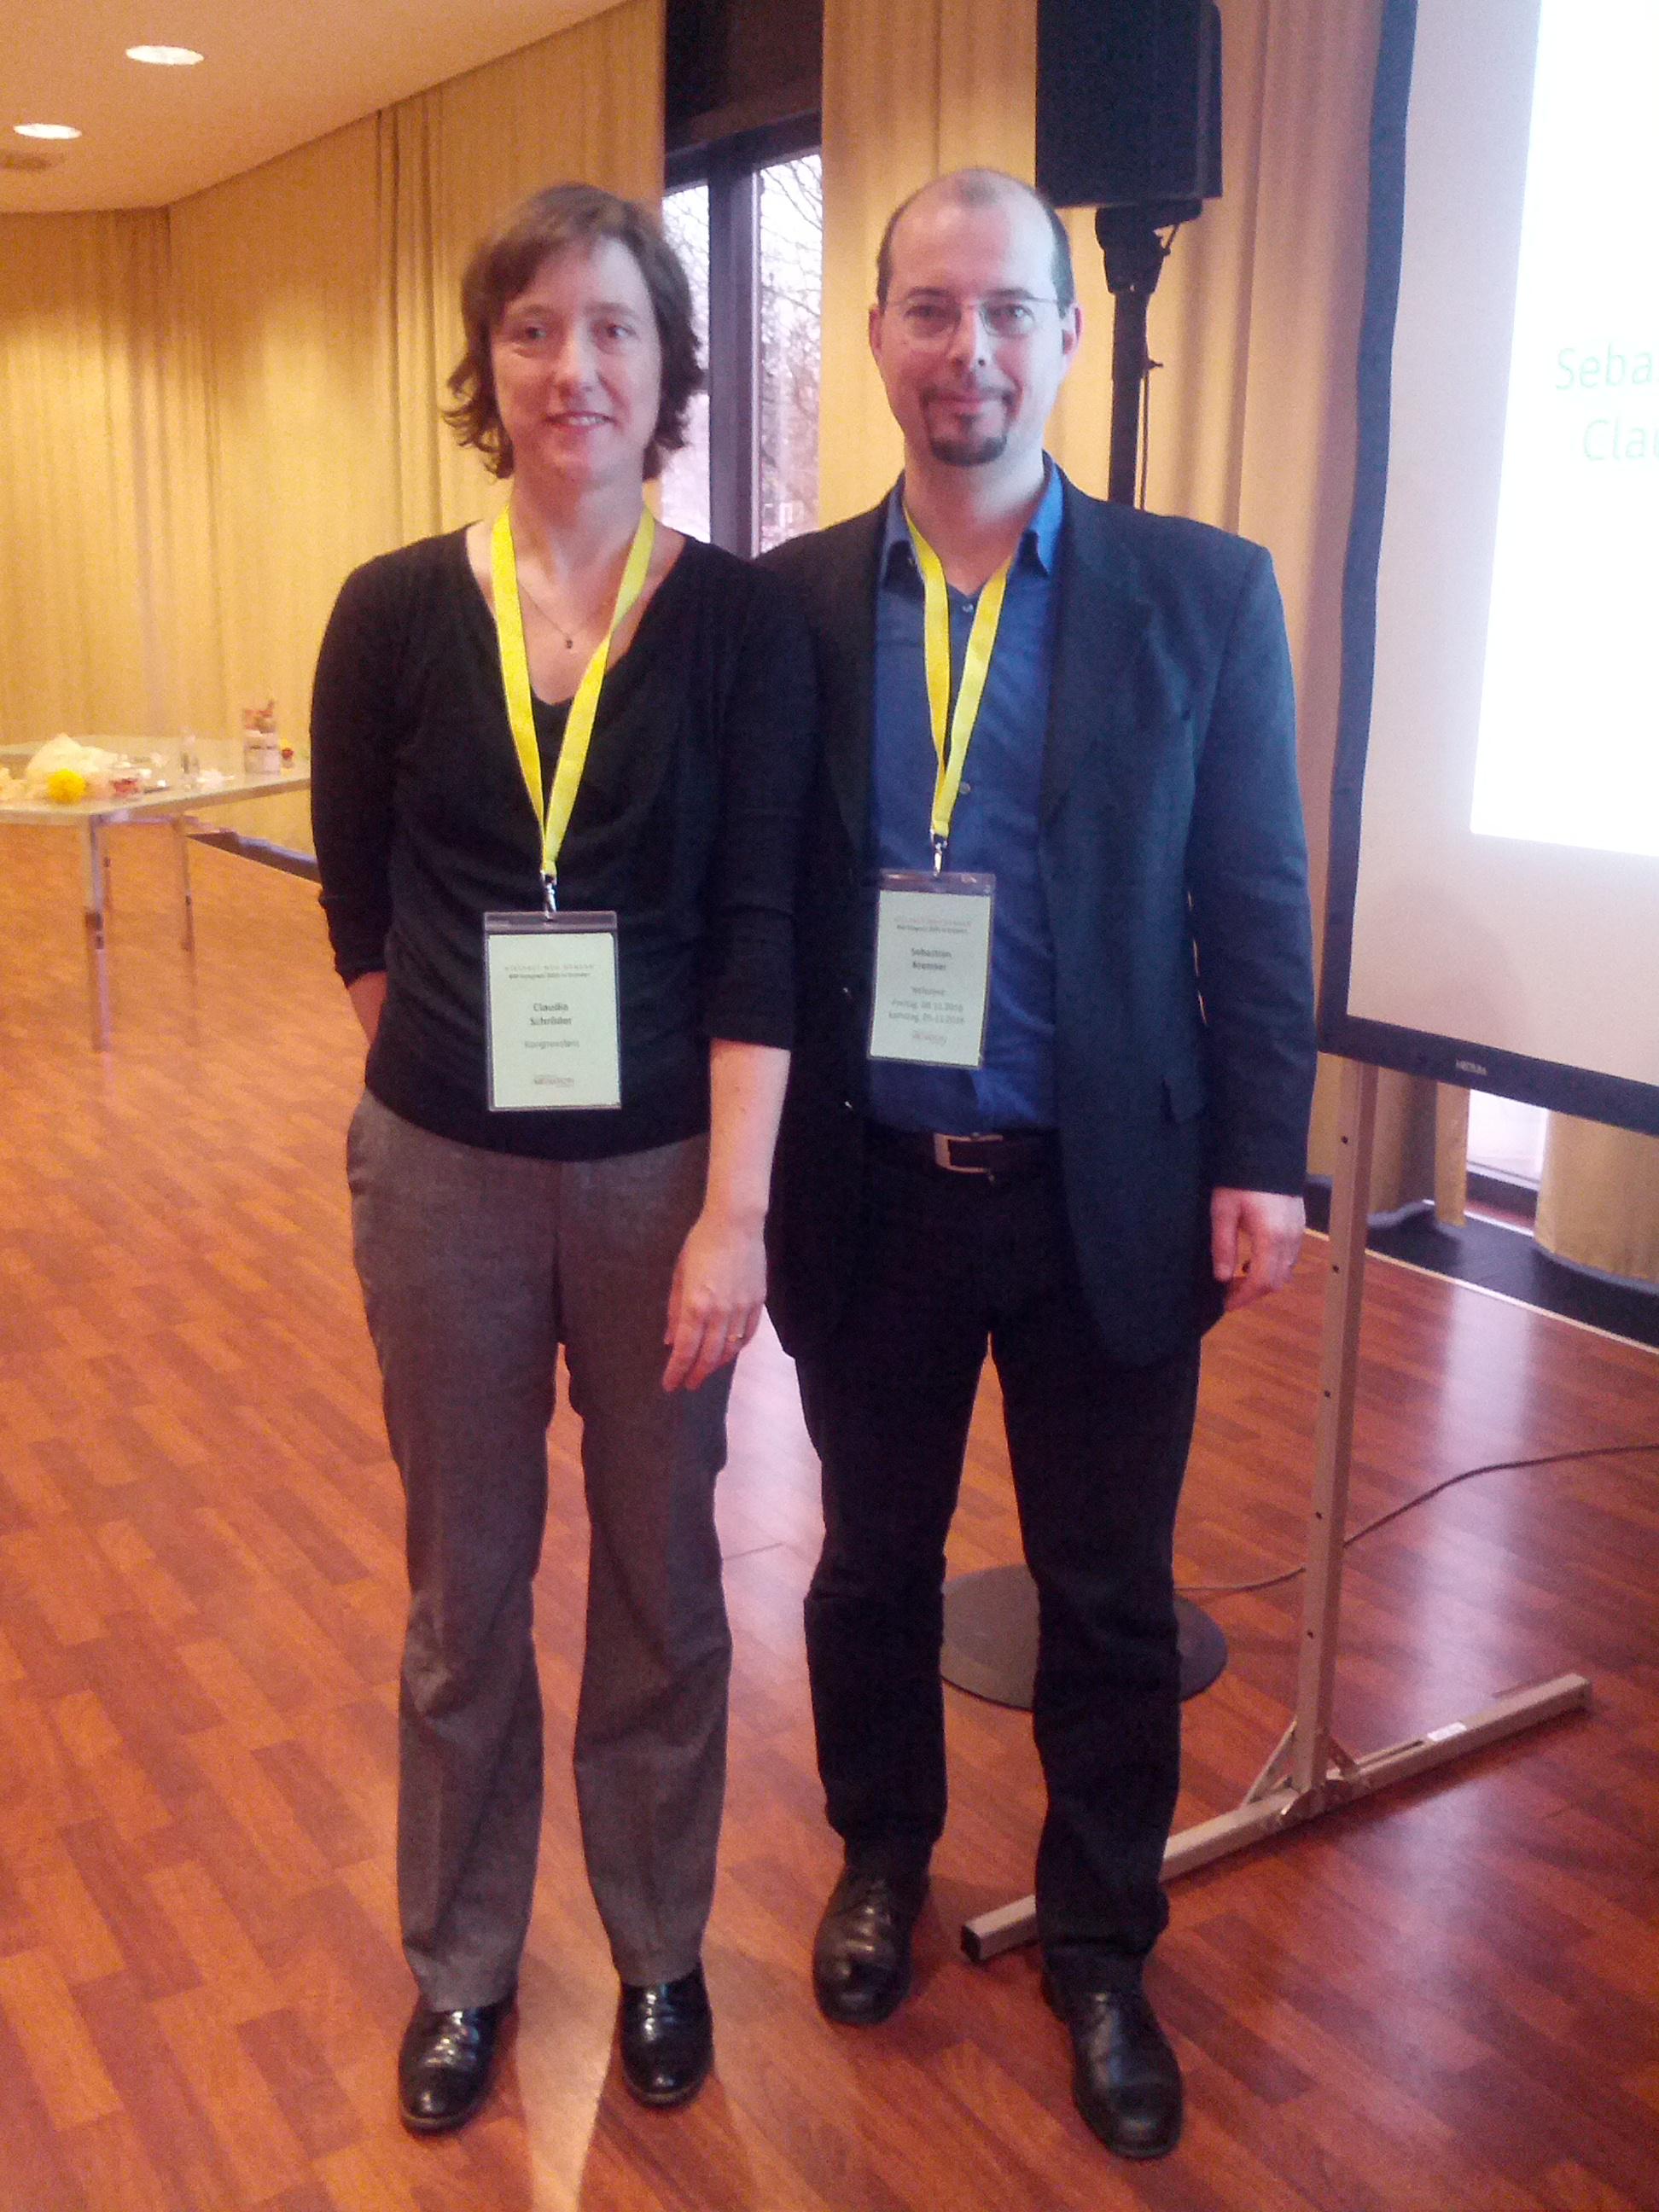 Vortrag New Work Durch Selbstorganisation Und Ihre Konfliktdynamik